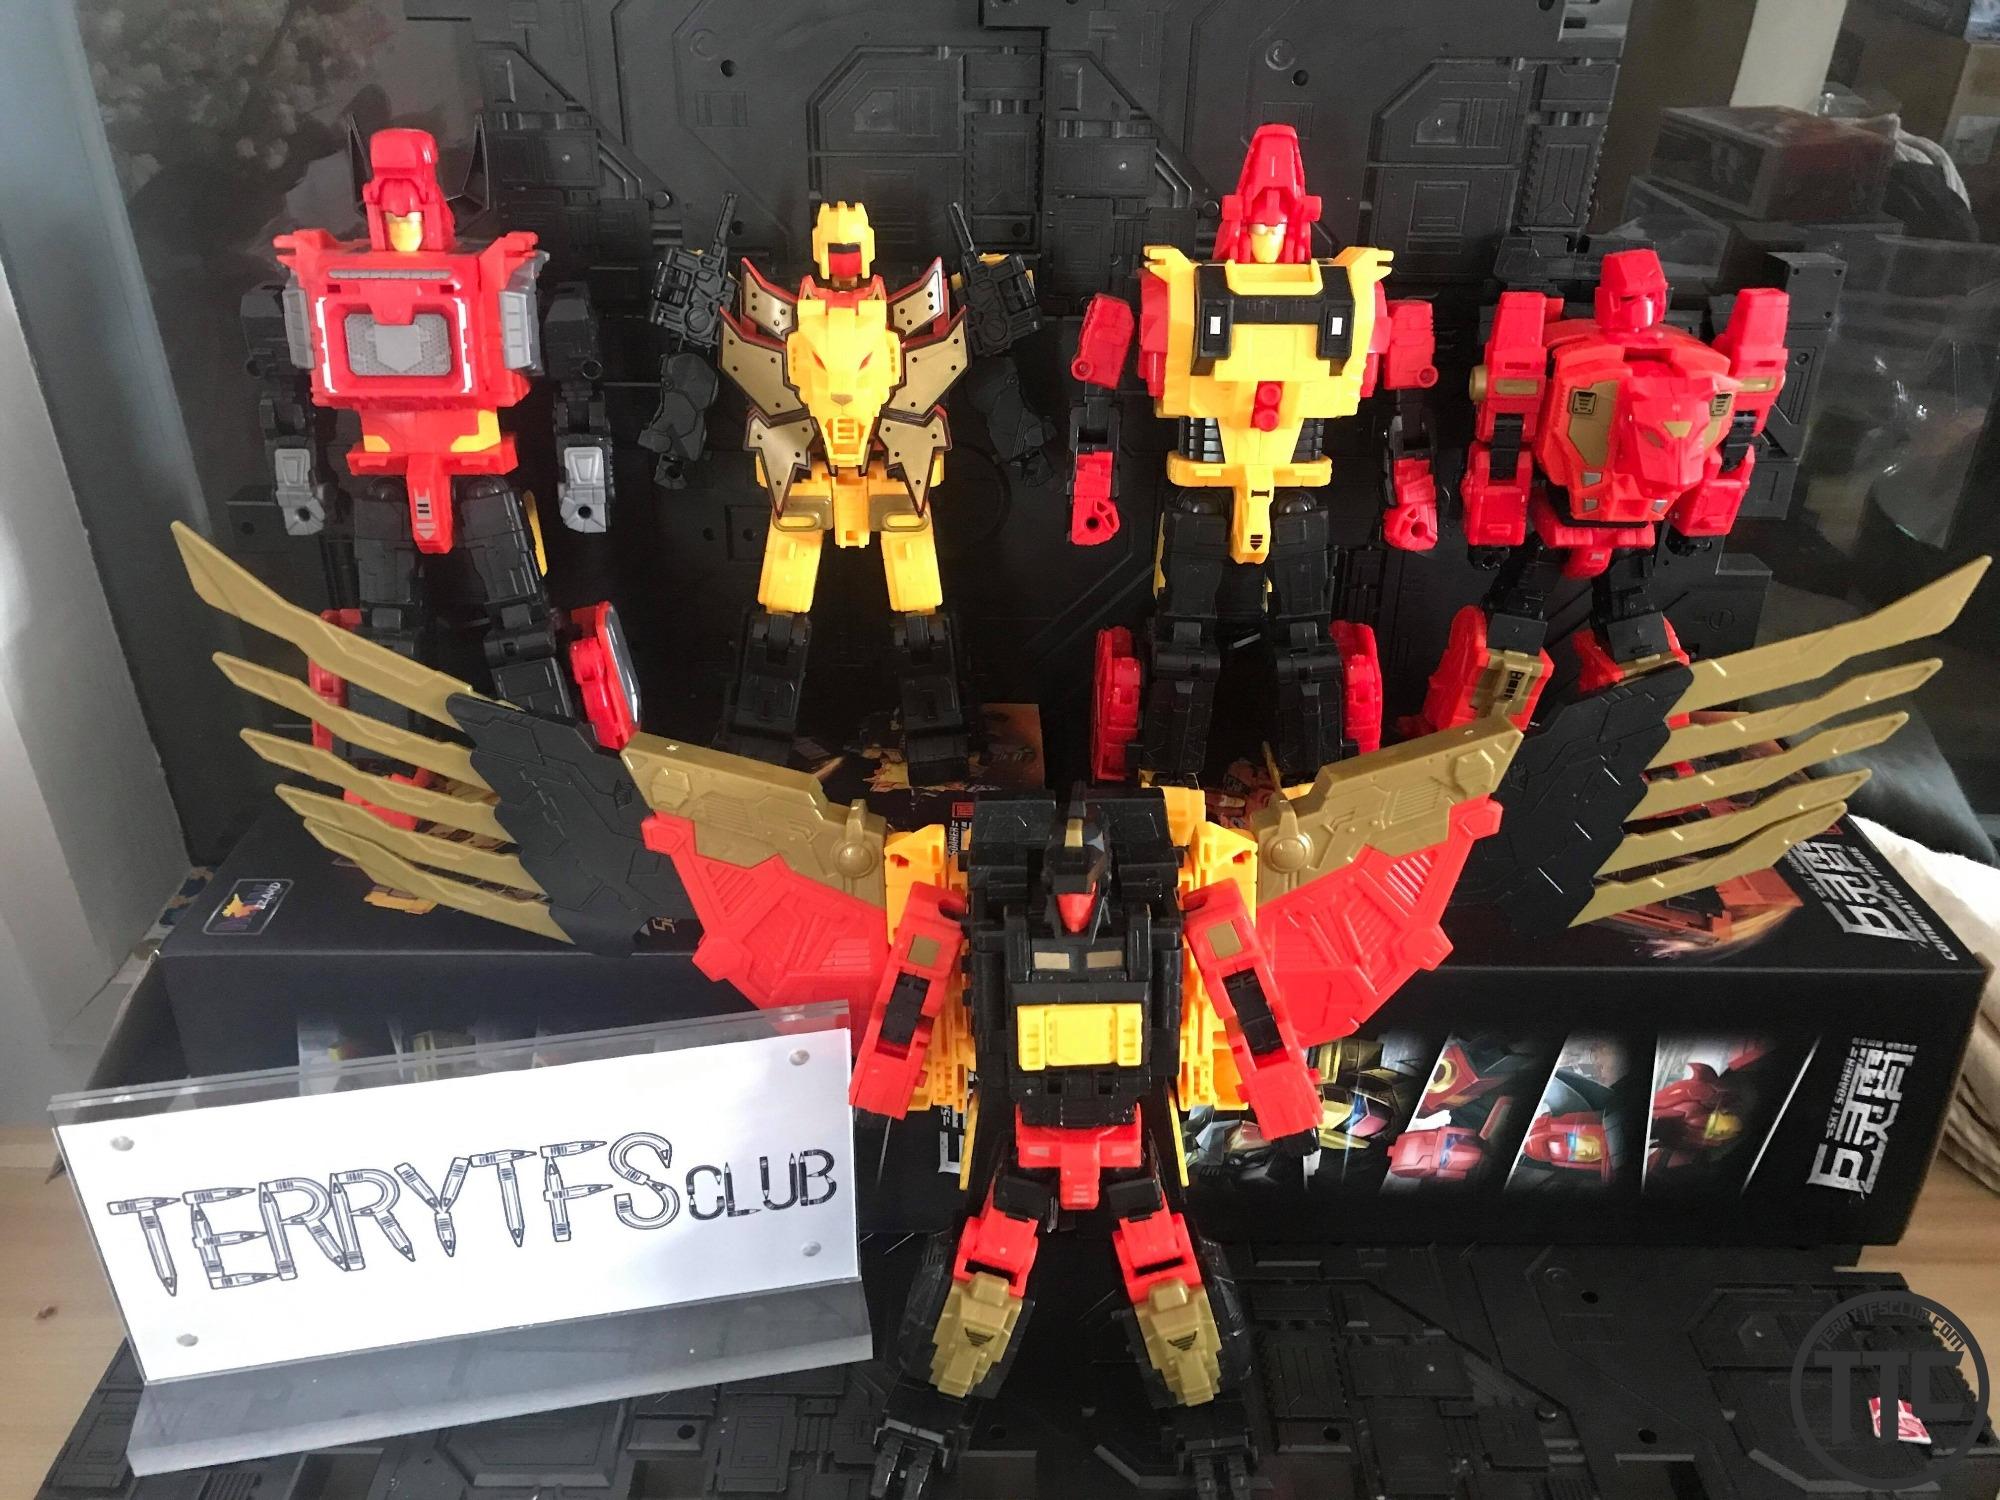 Transformers WeiJiang WJ Predaking Combiners(5 In 1 set)In Stock with Sword